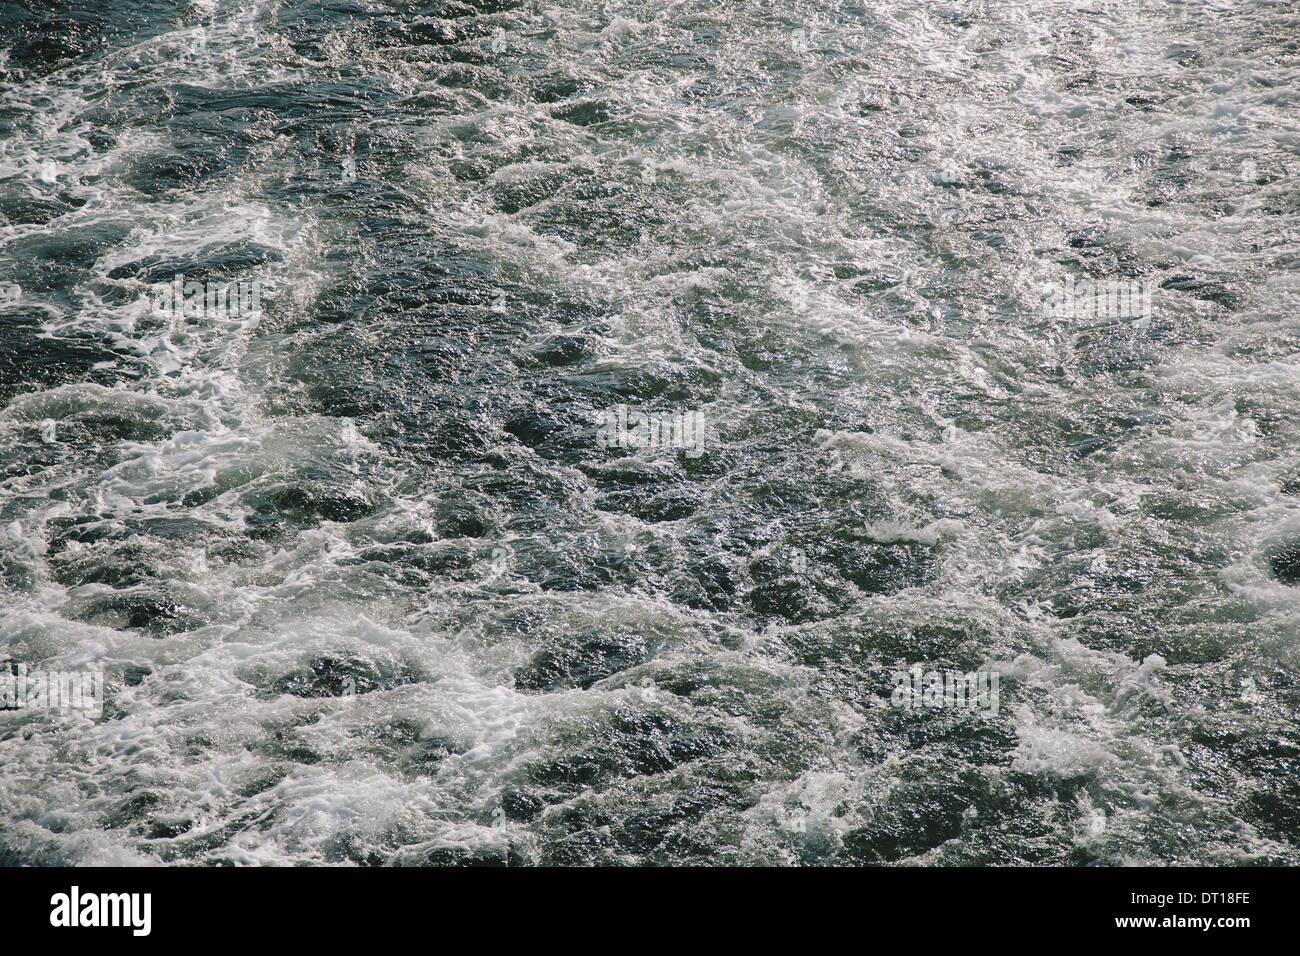 Seattle Washington USA Wake from passenger ferry on water near Seattle - Stock Image